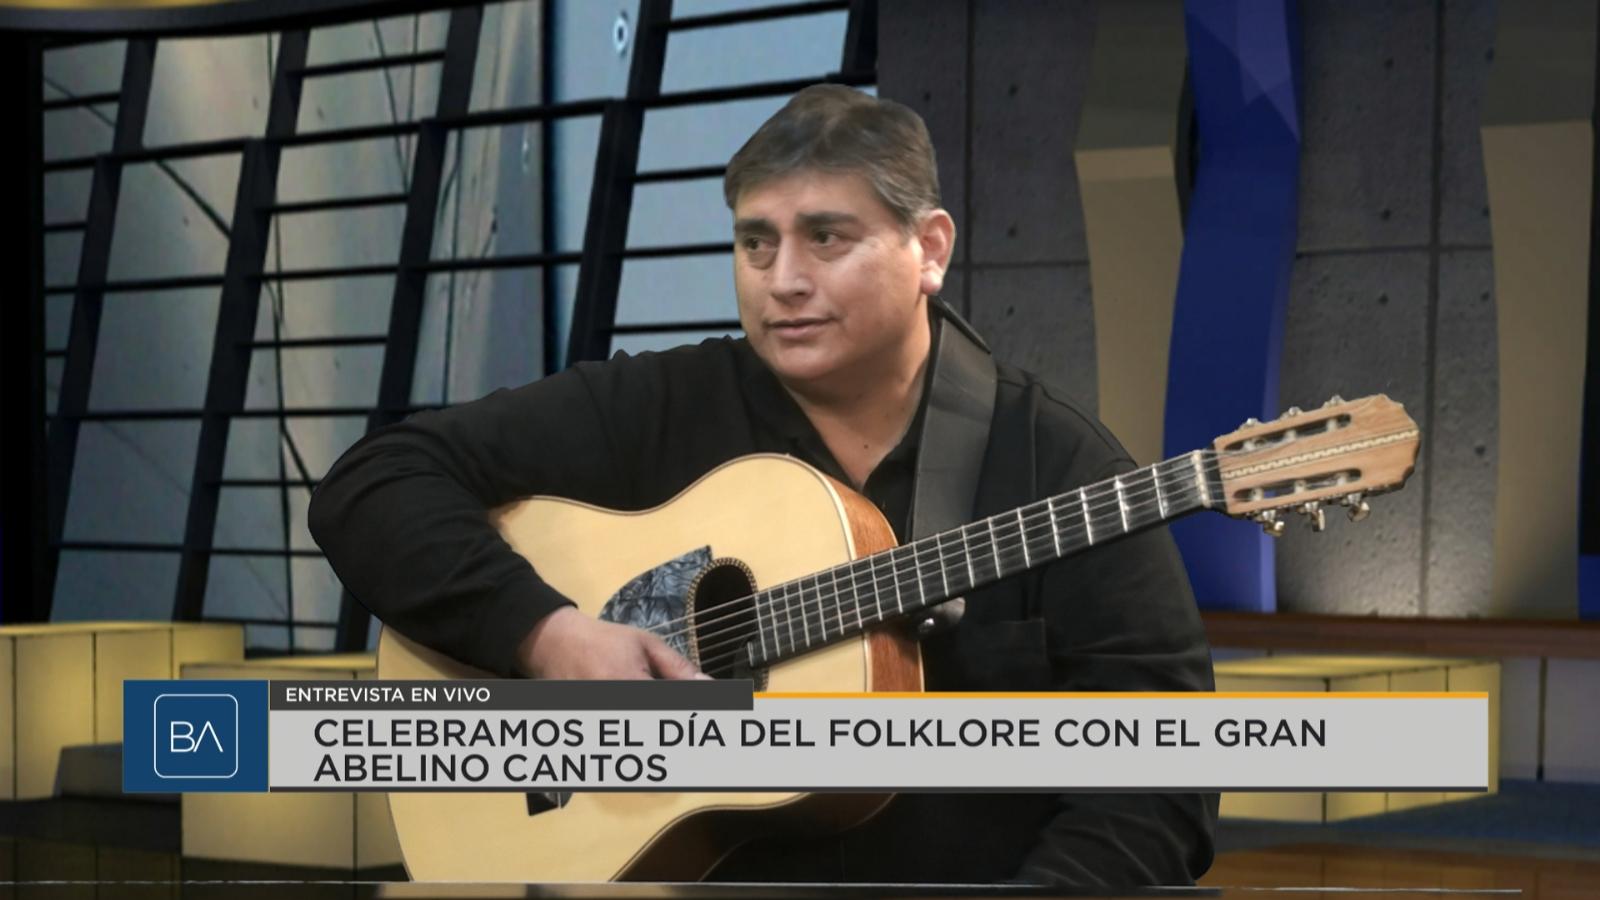 Celebramos el Día del Folklore con una figura de la tonada - Canal 13 San Juan TV